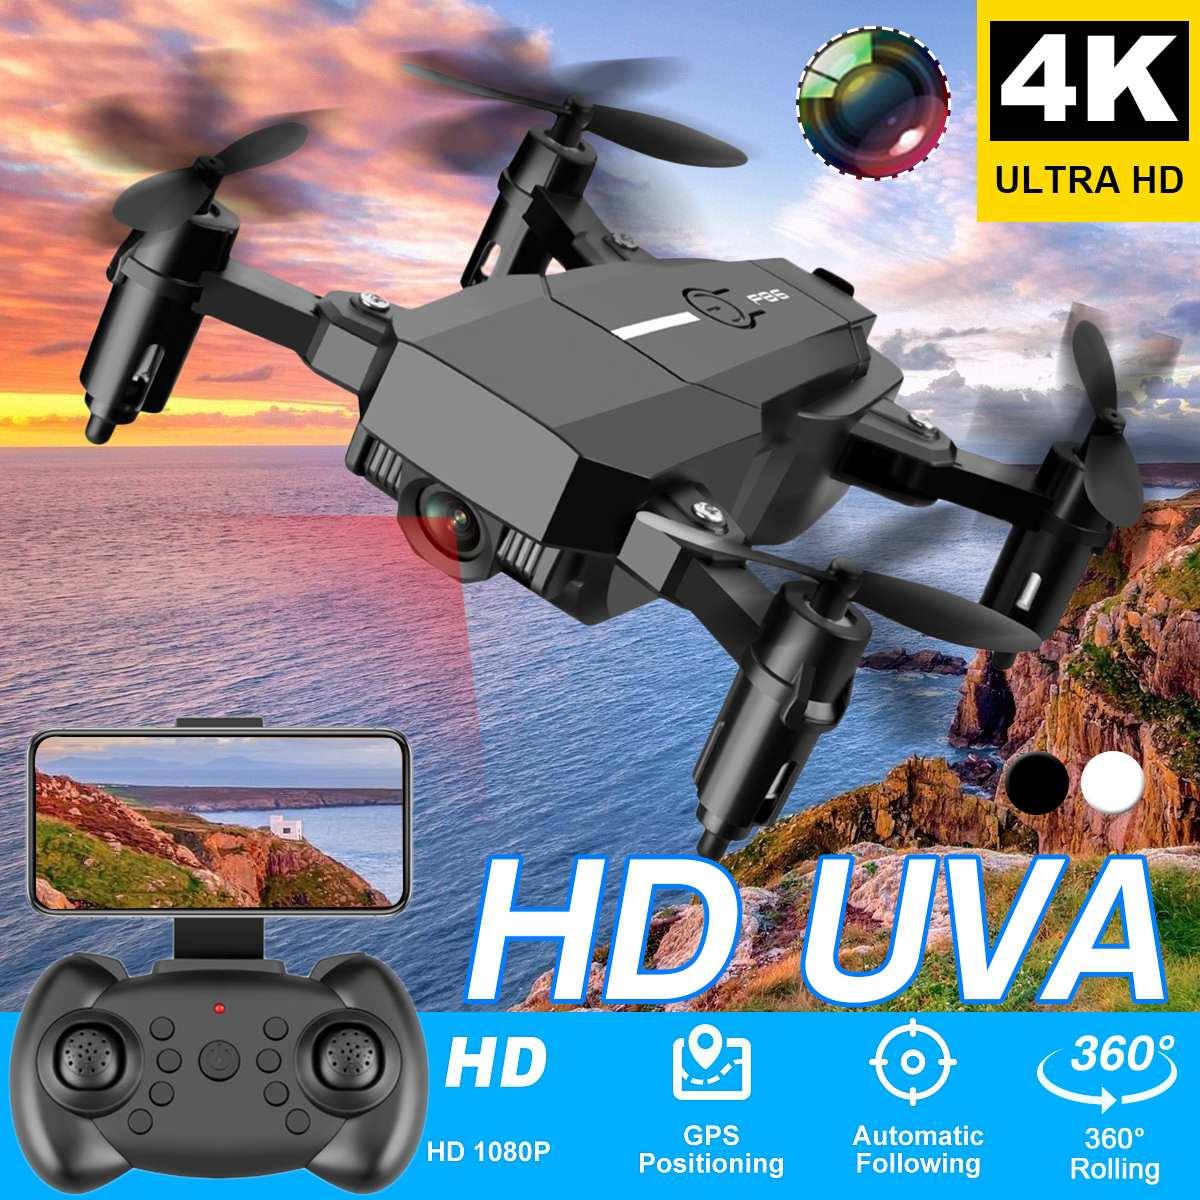 Dron WiFi con cámara HD, WIFI, 30W/500W, cámara plegable, Mini Dron Fpv profesional, juguete de larga duración de la batería para regalo